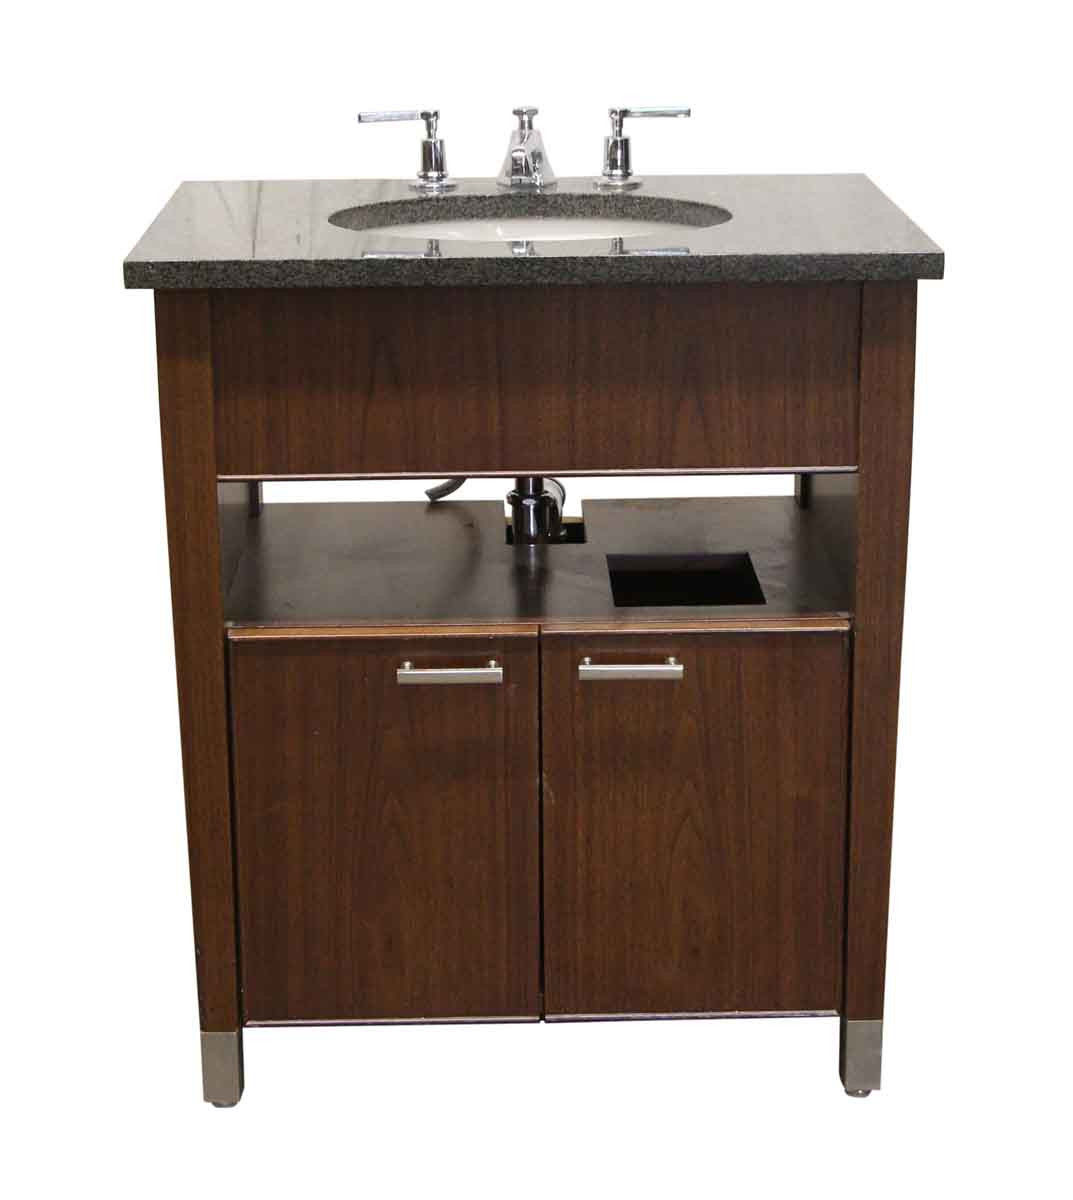 Kohler Bathroom Vanity  Kohler Black Granite Top & Walnut Bathroom Vanity with